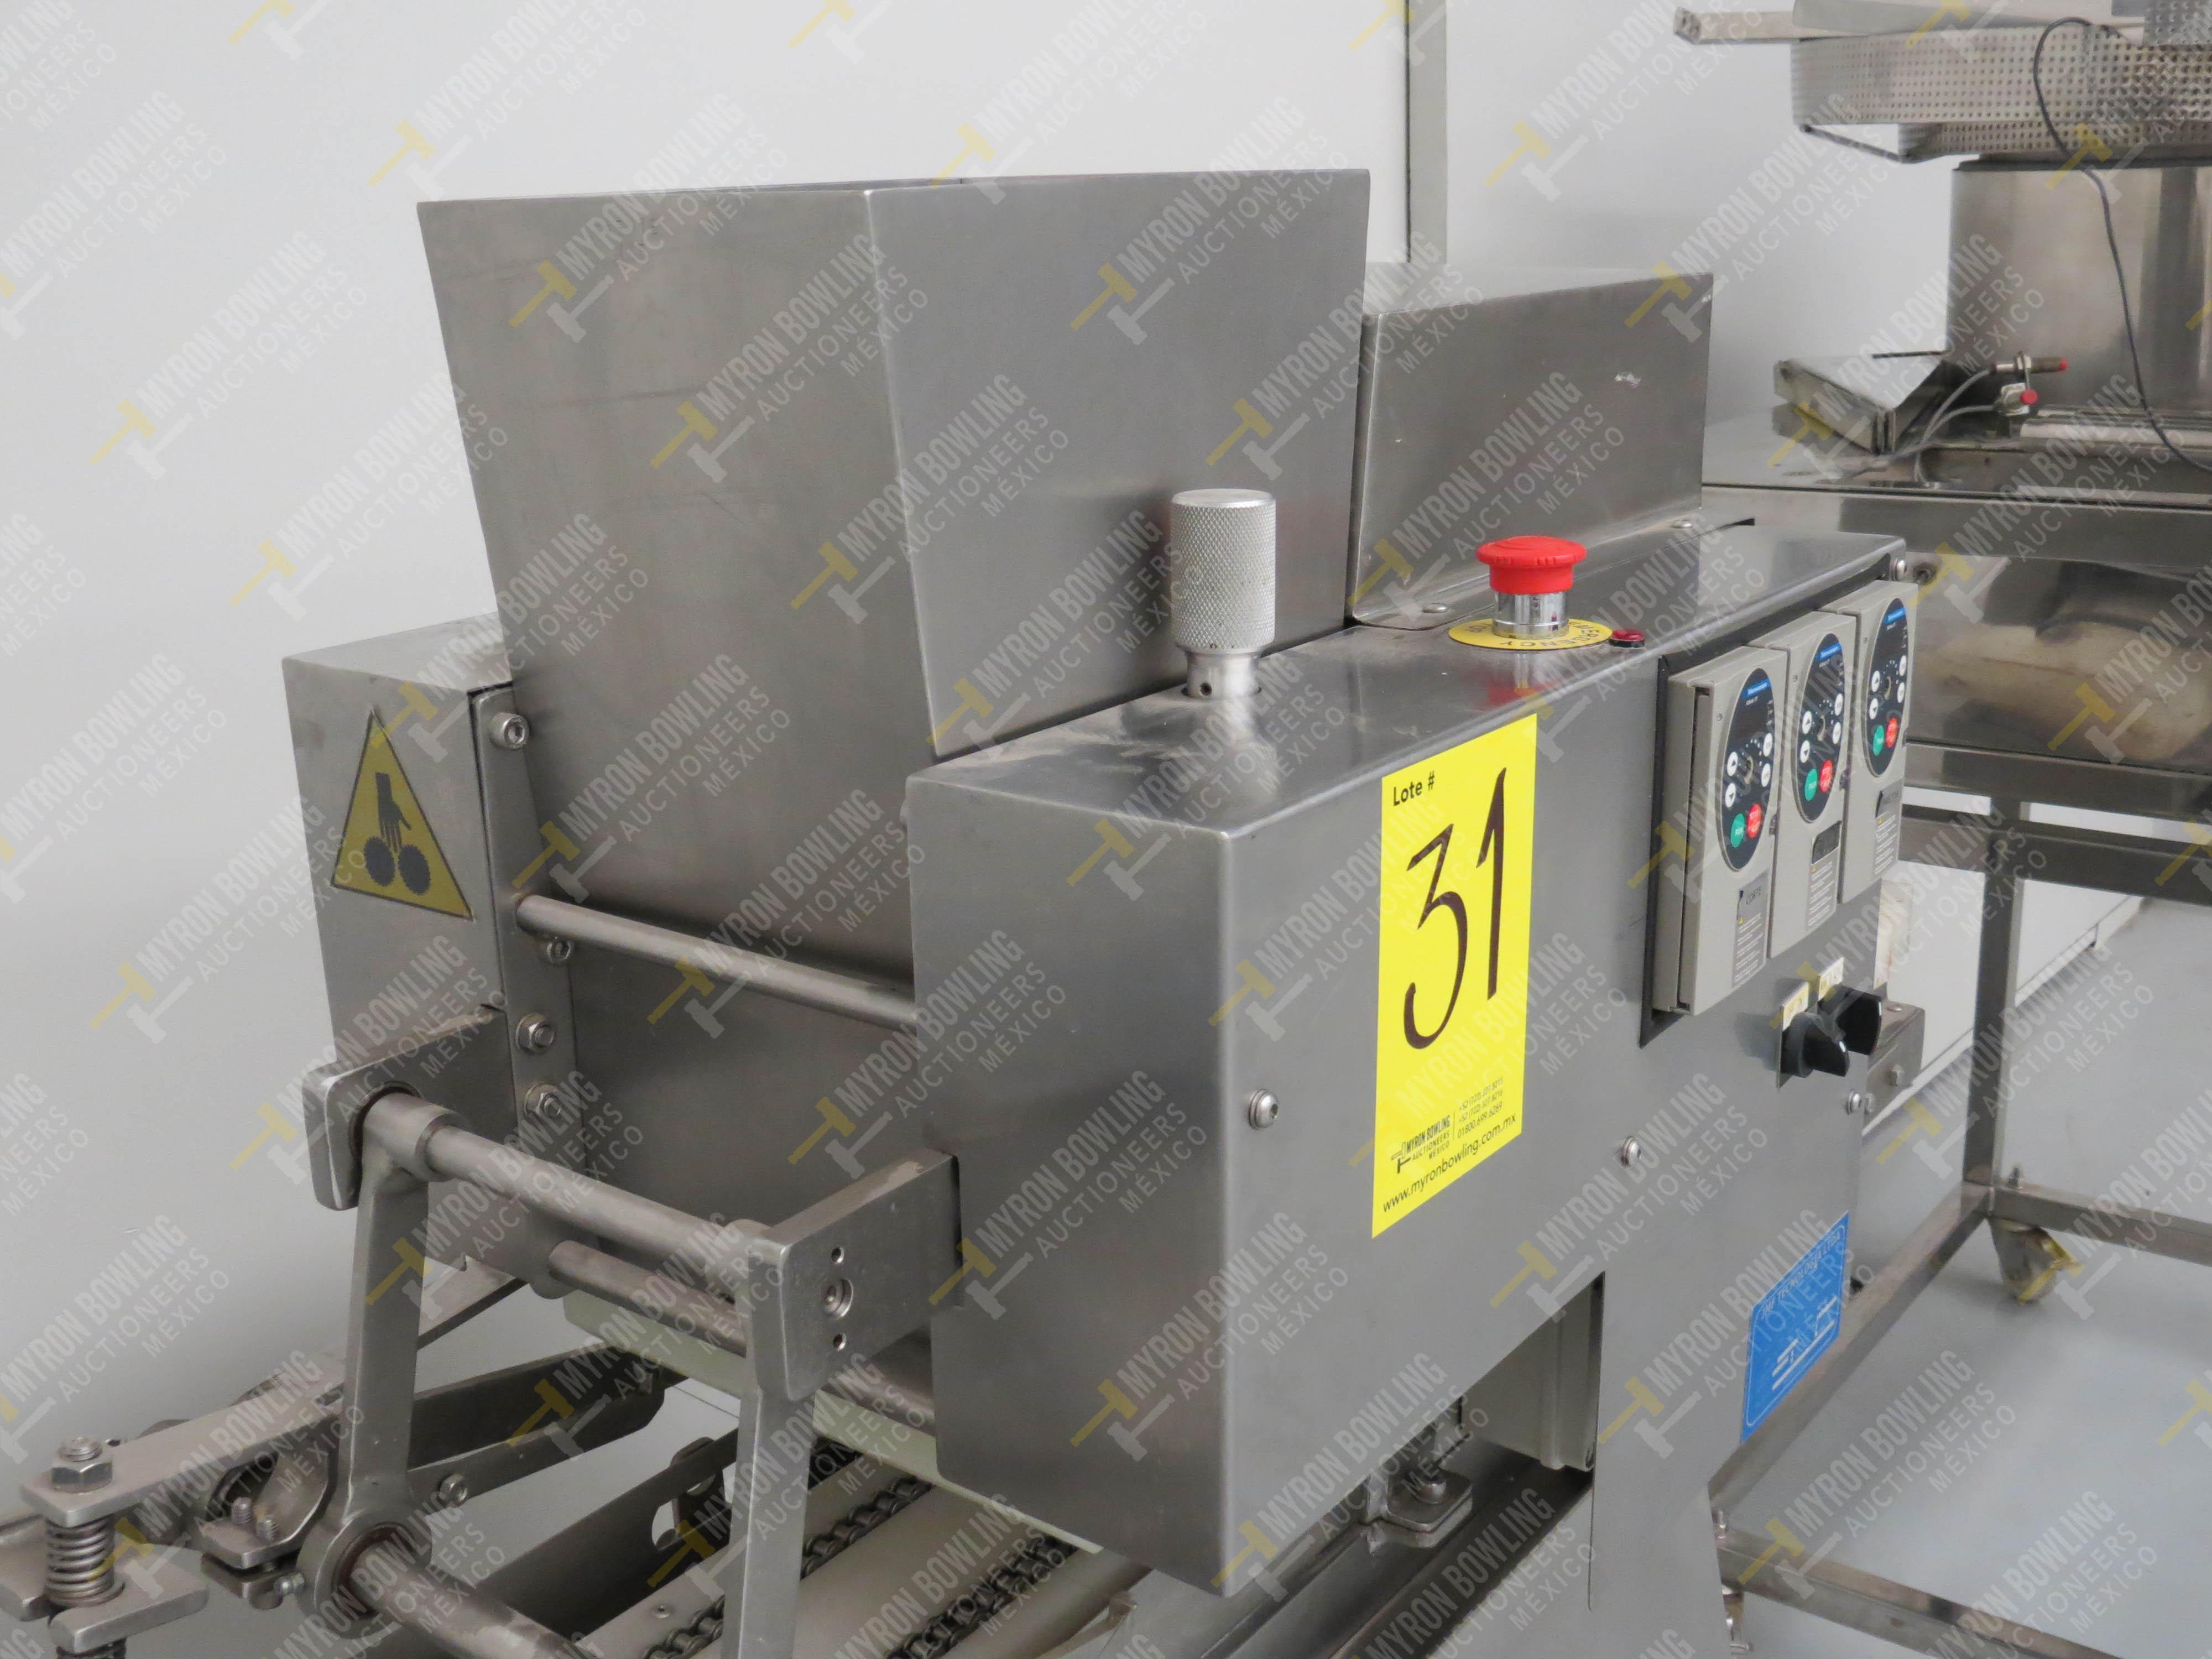 Dosificador de masa marca JMF Tecnología LTDA, Modelo 20012-ESP, No. de Serie 8063201647 - Image 4 of 7